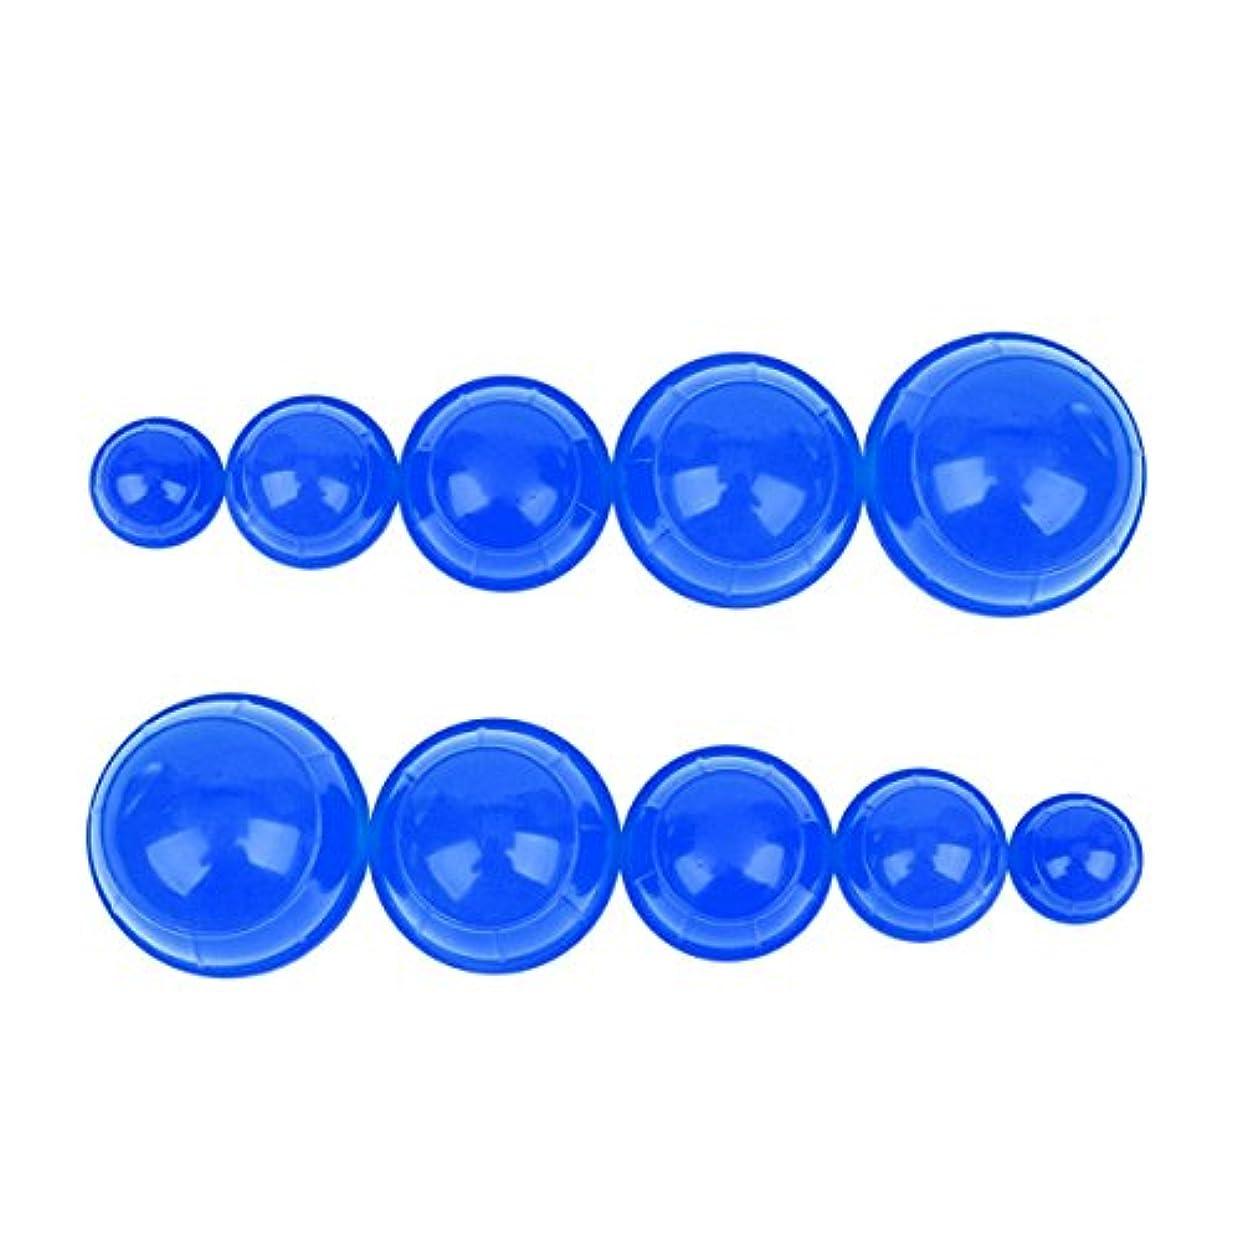 威信輪郭輪郭シリコンカッピング 12個セット 吸い玉 水洗い可能 全身マッサージ CkeyiN (ブルー)